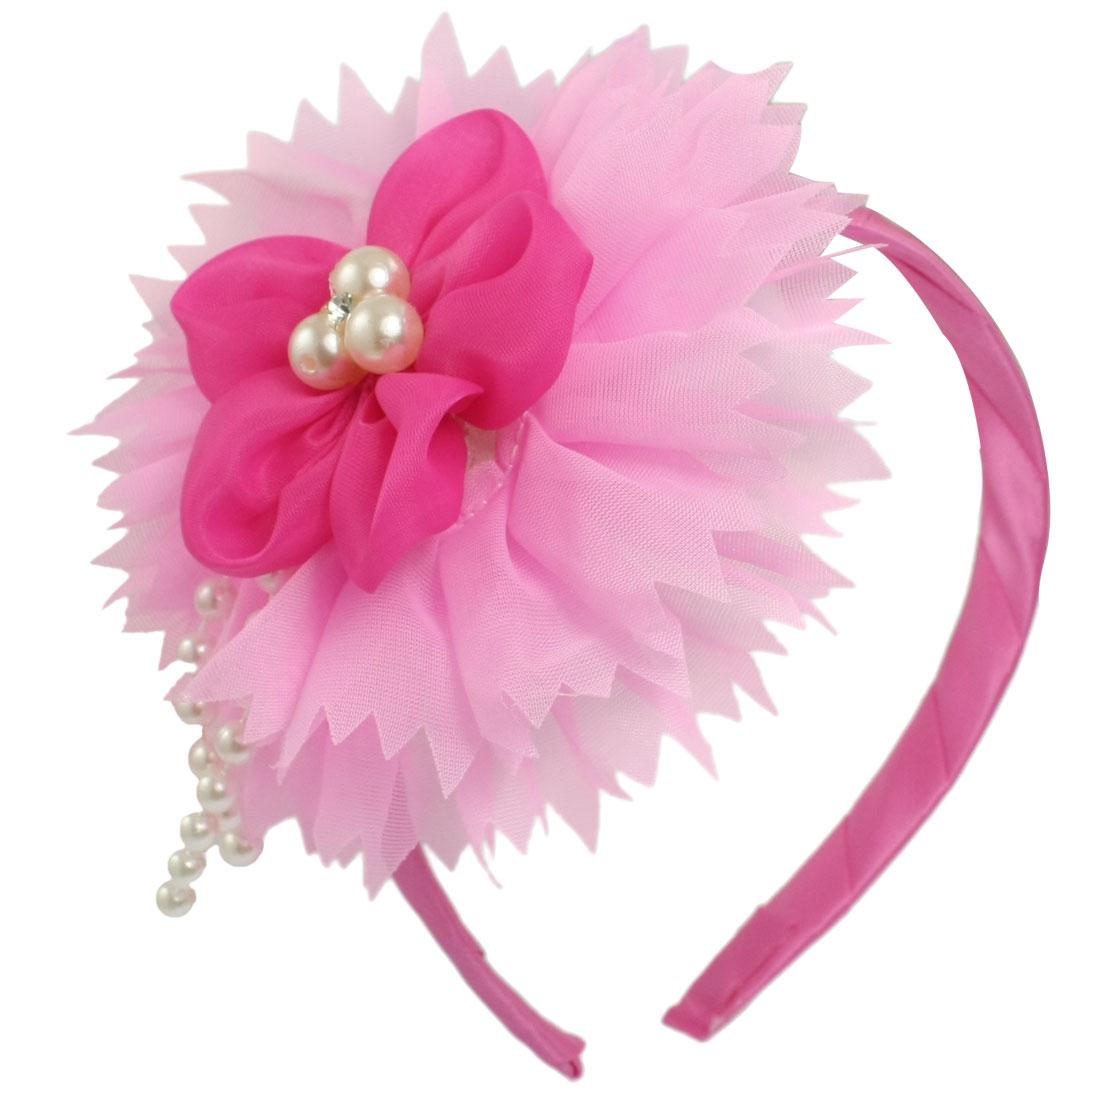 Plastic Beads Flower Decor Fuchsia Hair Hoop Headband for Girls